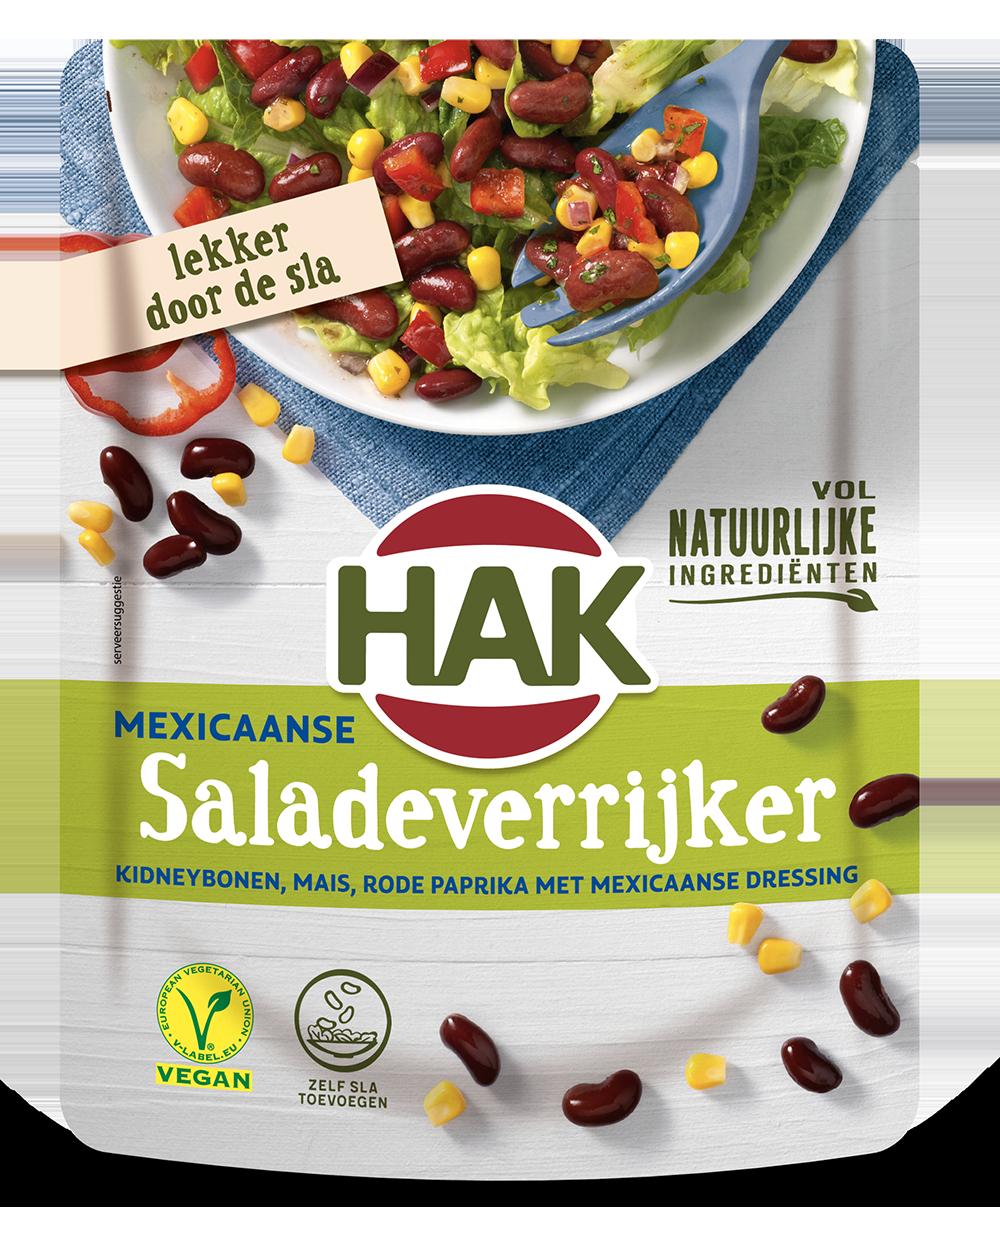 HAK-Salade-verrijker-Mexicaans-200g-NL-EAN-8720600616051